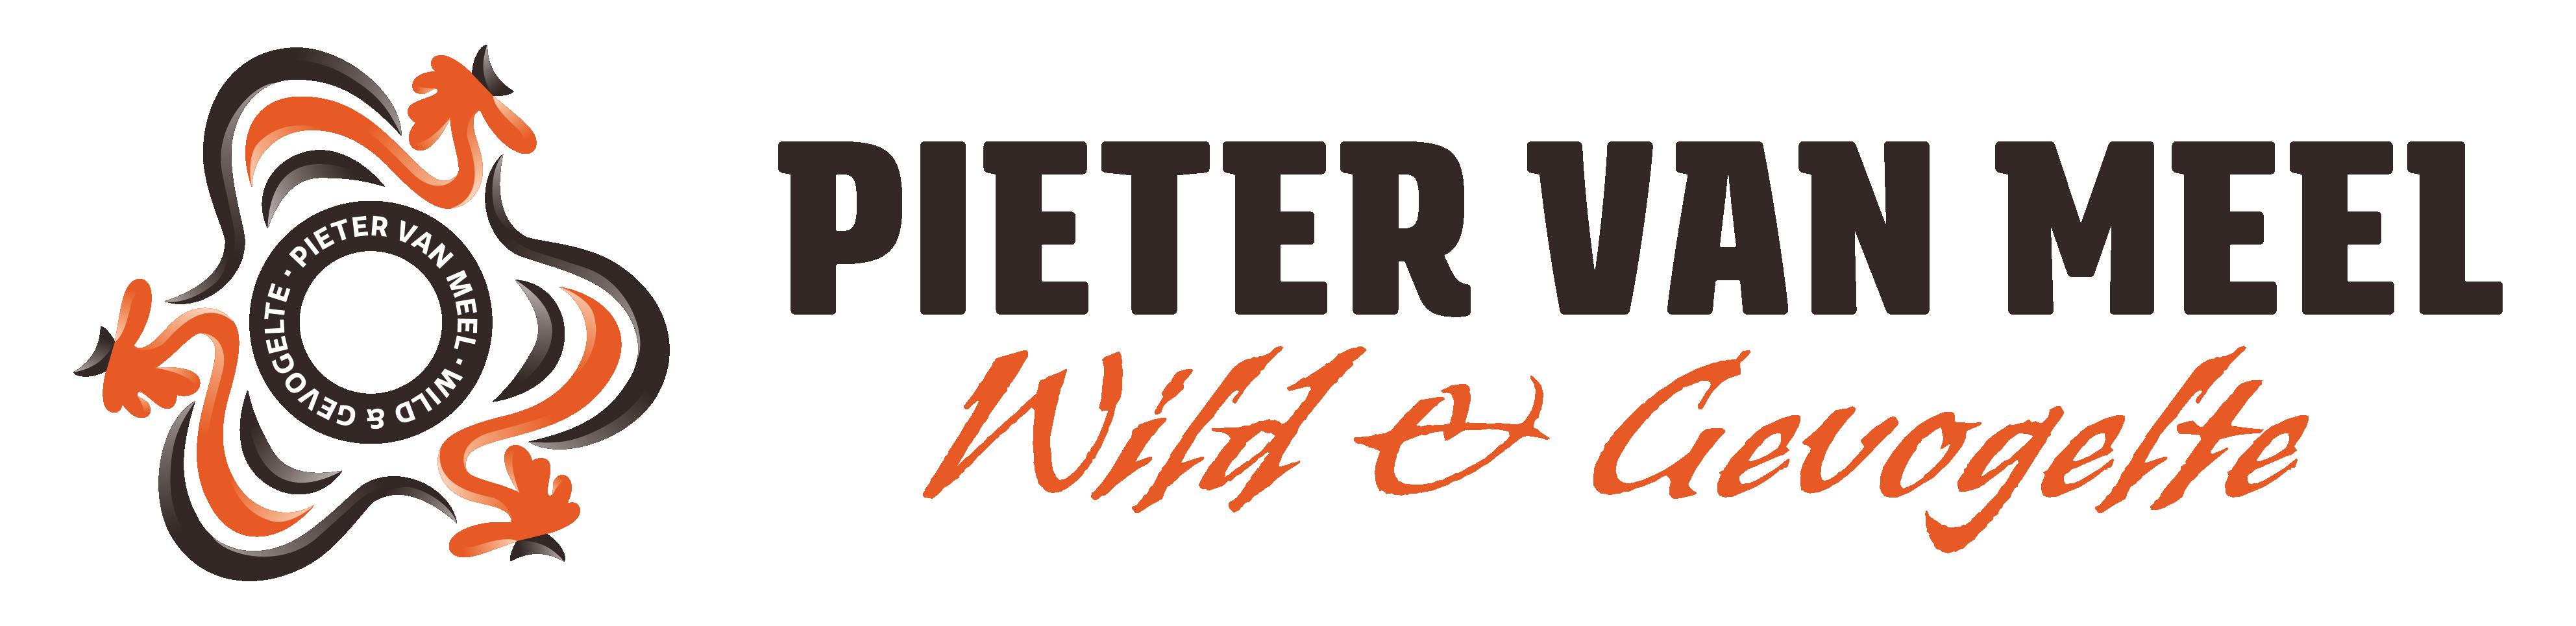 Pieter van Meel - Poelier - Wild & Gevogelte